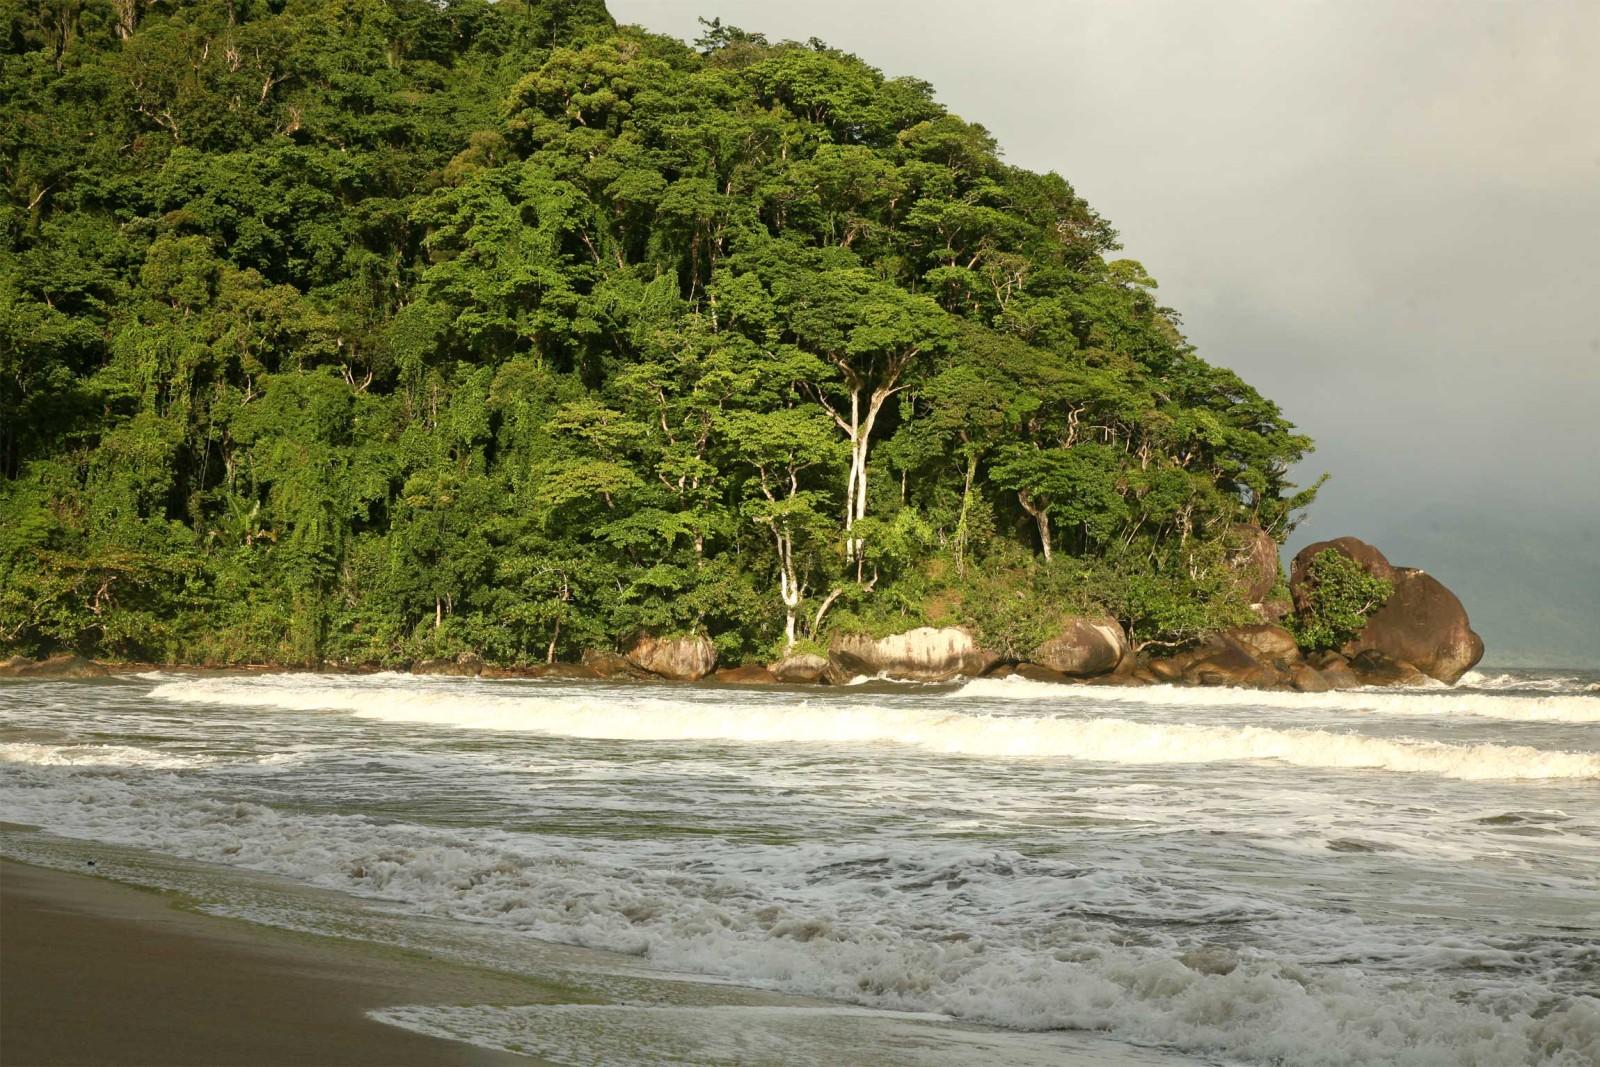 farankaraina-beach-scene